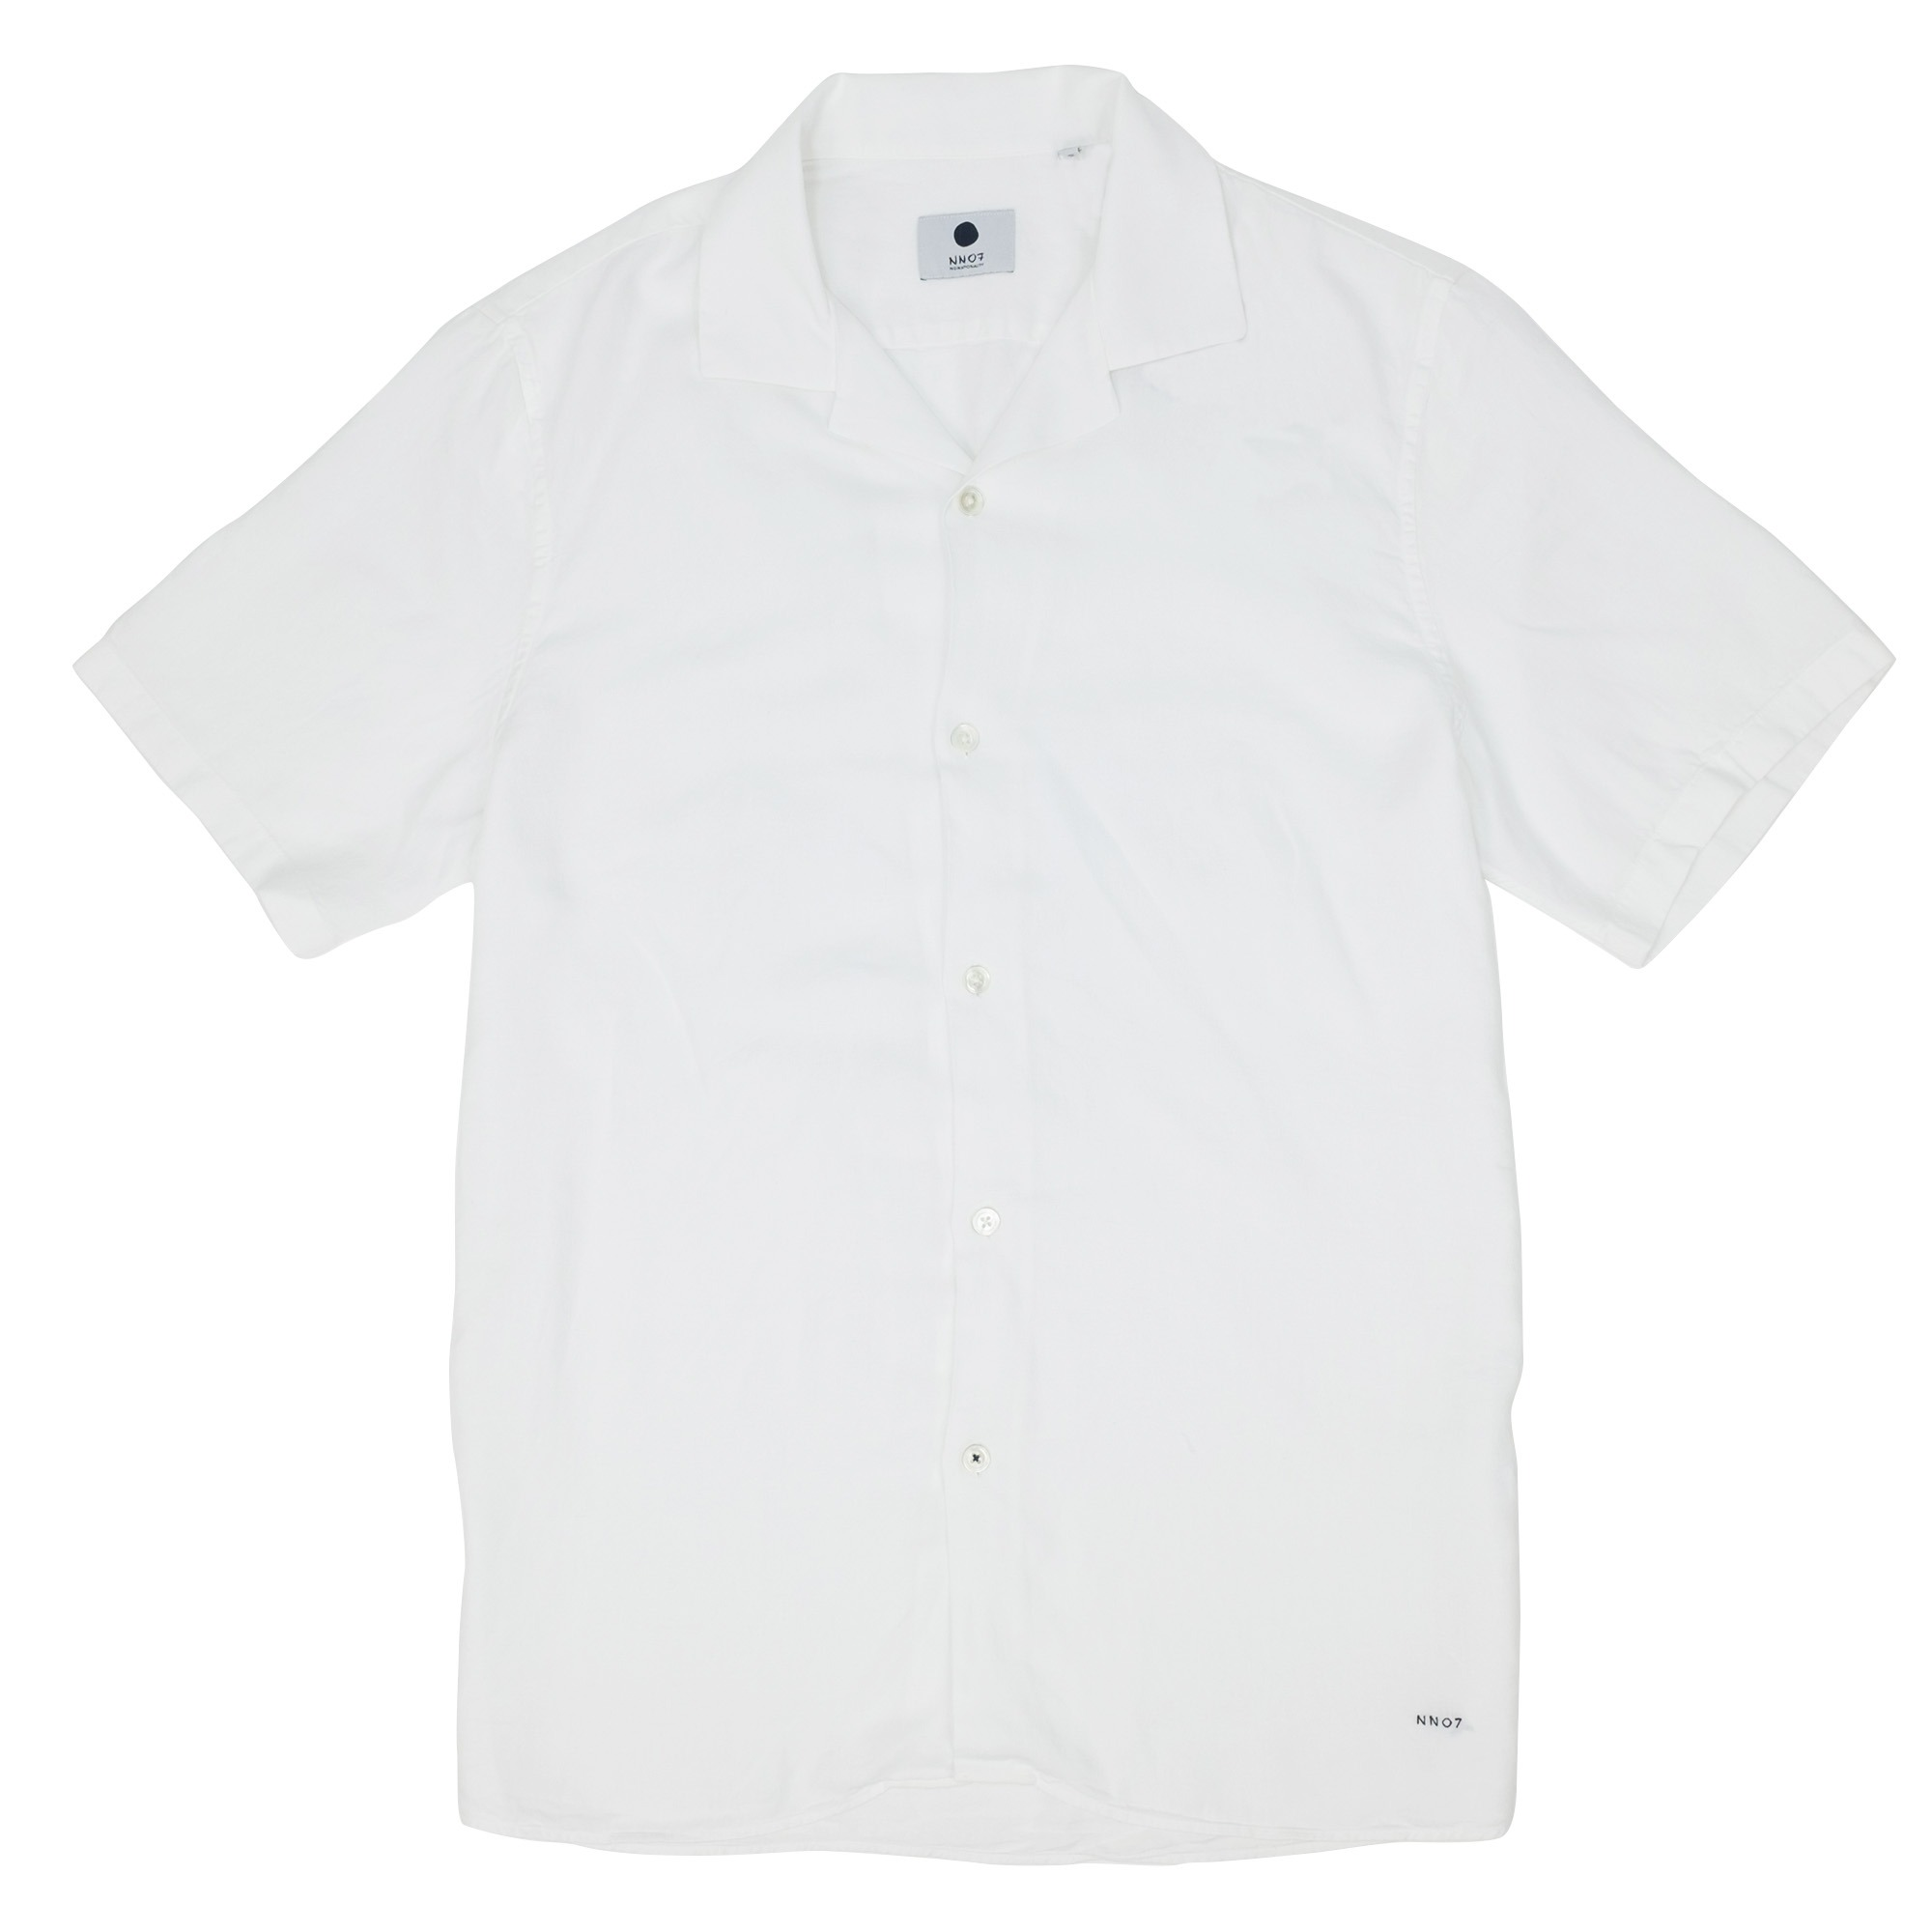 Miyagi 5029 White 1